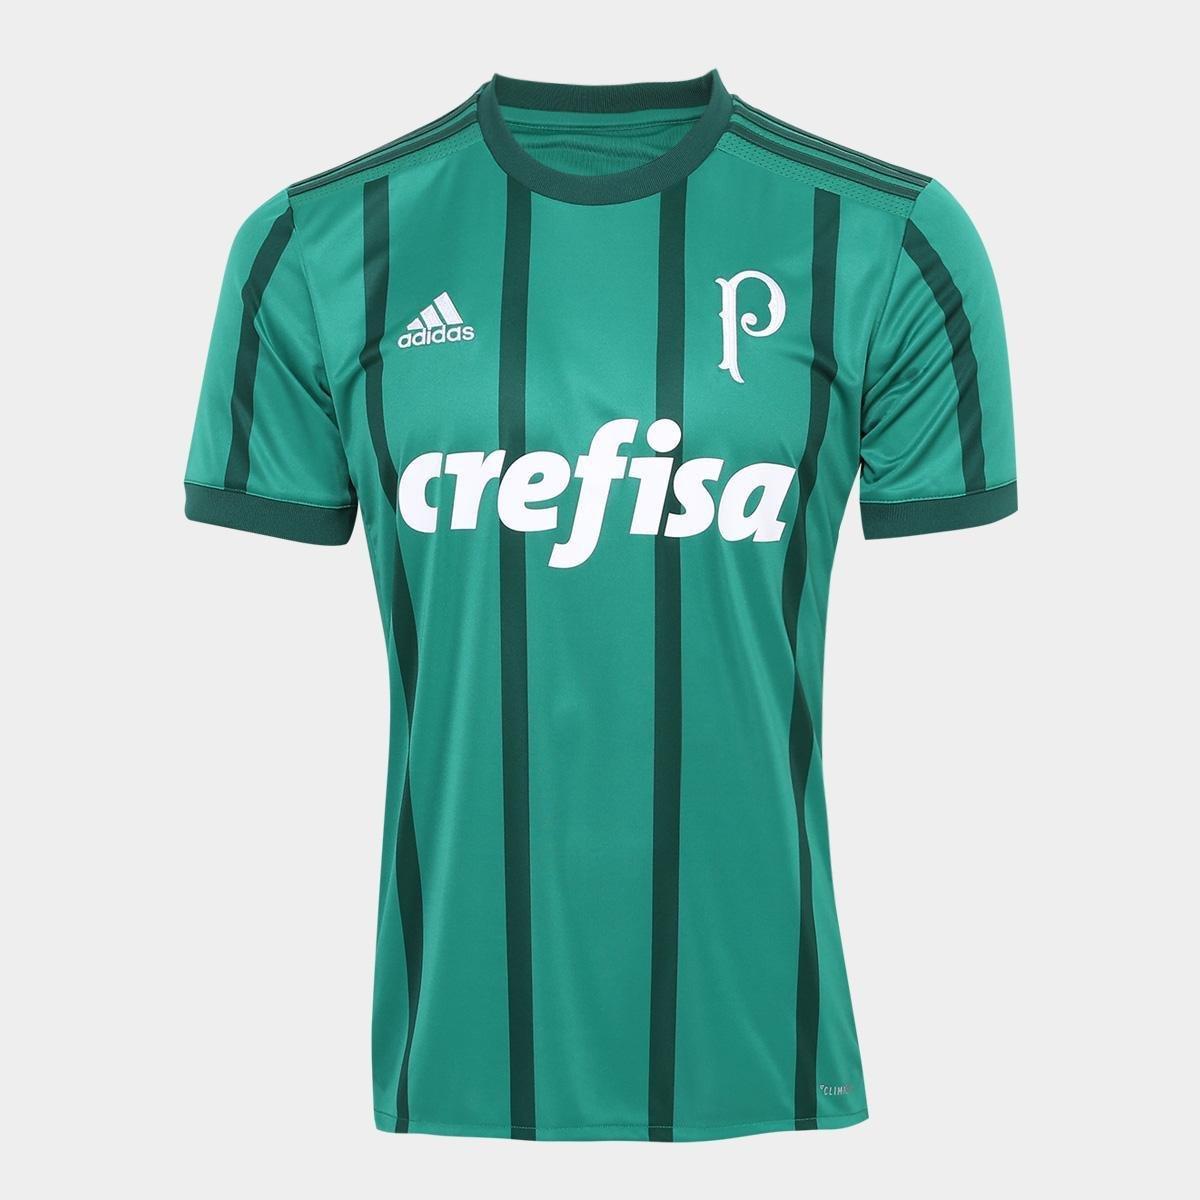 Camisa Palmeiras I 17 18 s nº Torcedor Adidas Masculina  0647d4cdf61ba